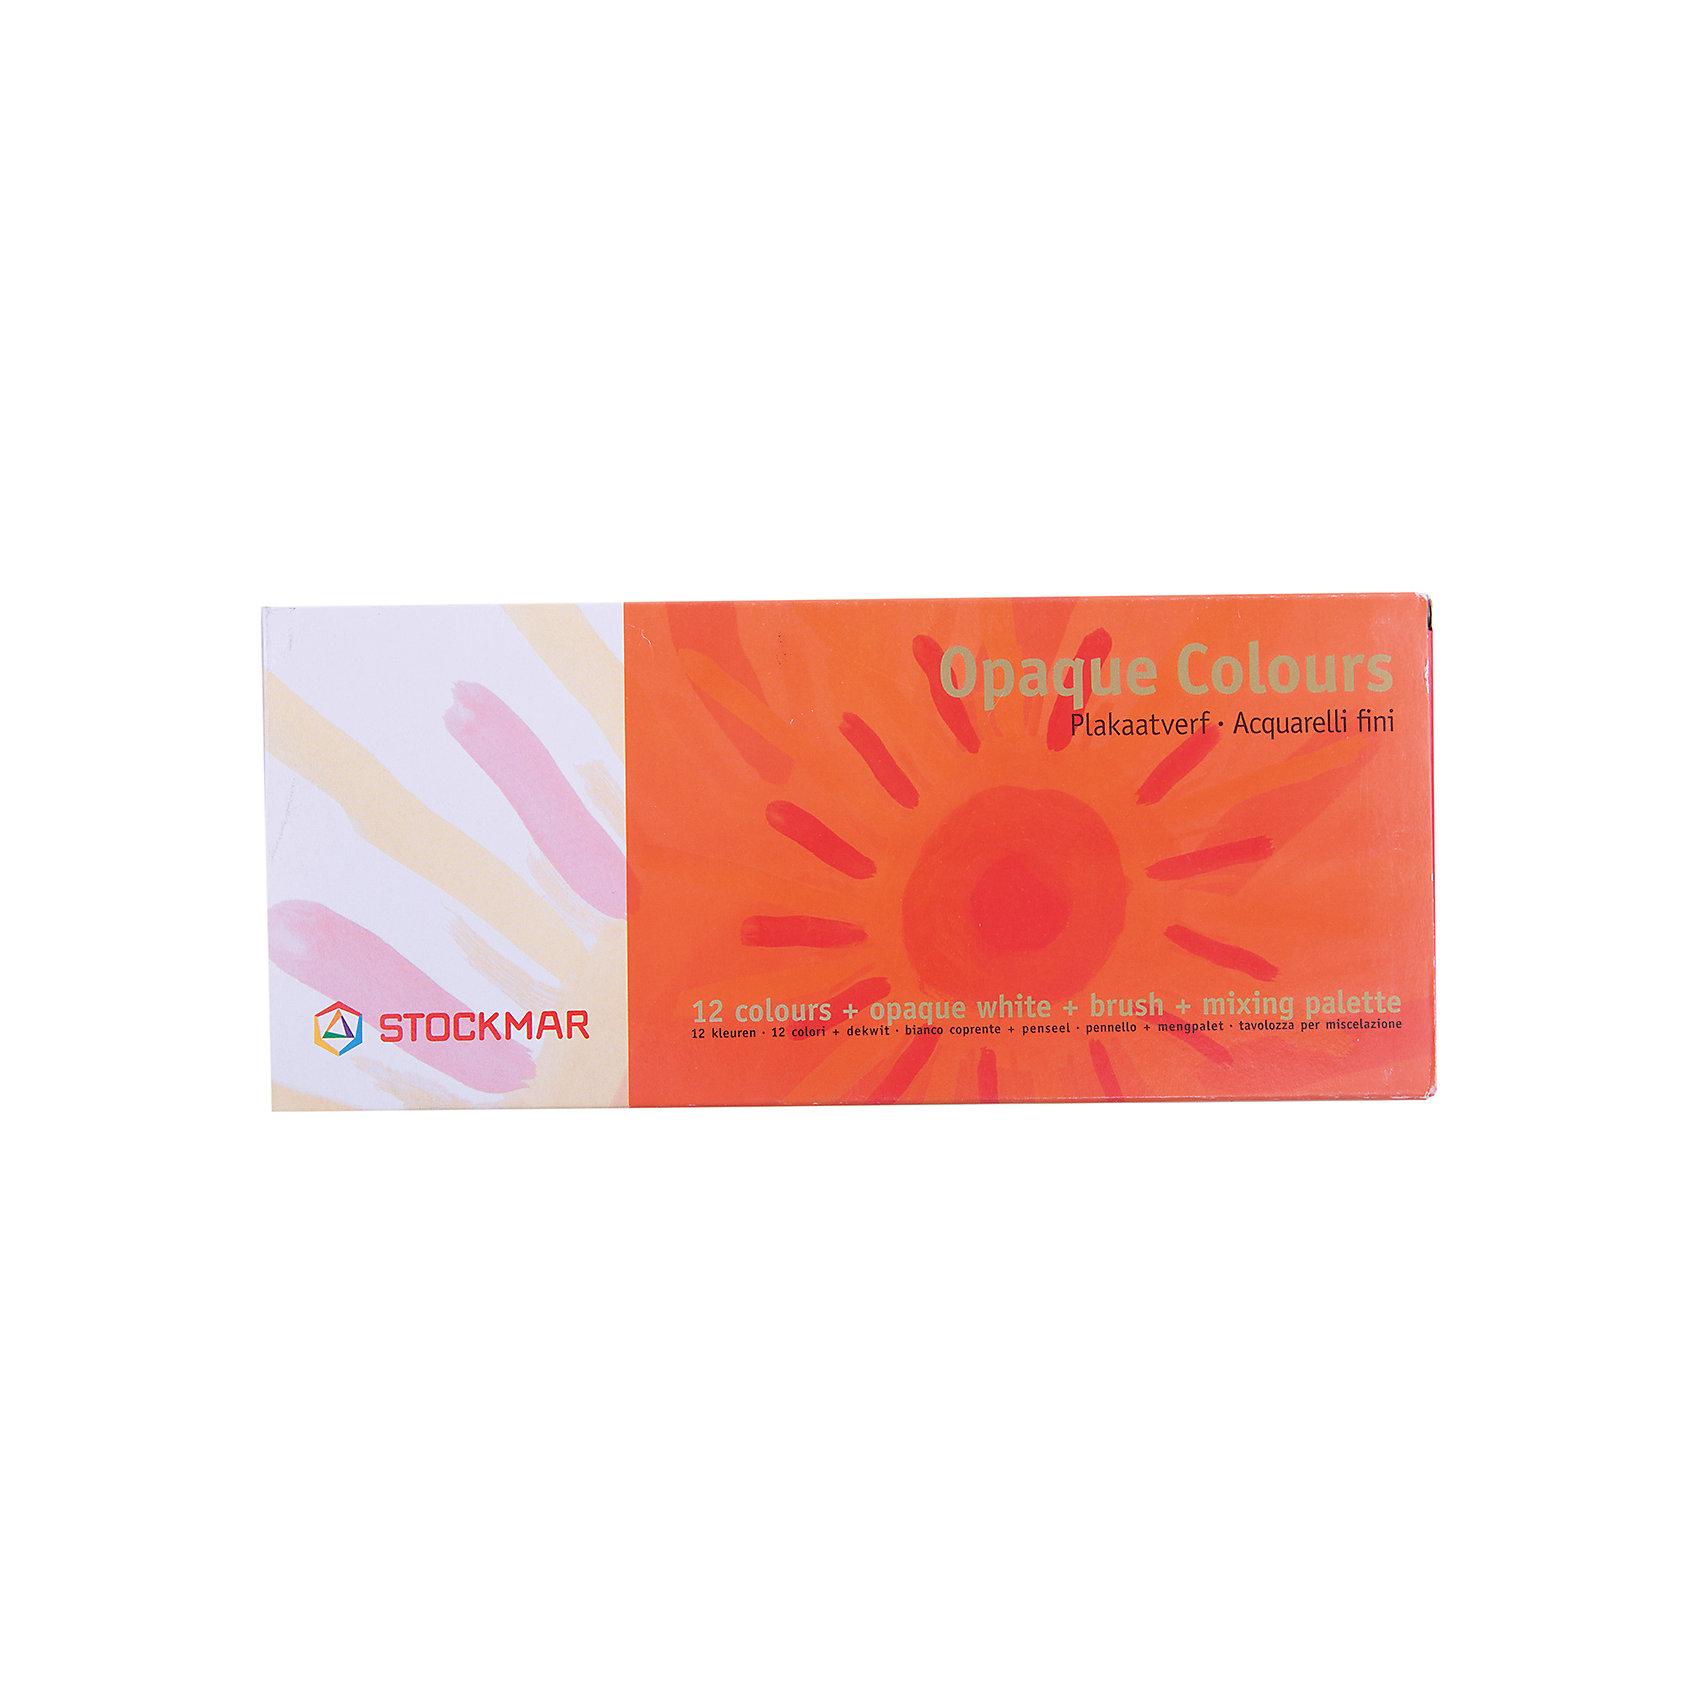 Stockmar Краски акварельные в жестяной упаковке, 12 цветов, Stockmar иван акулич маркетинг